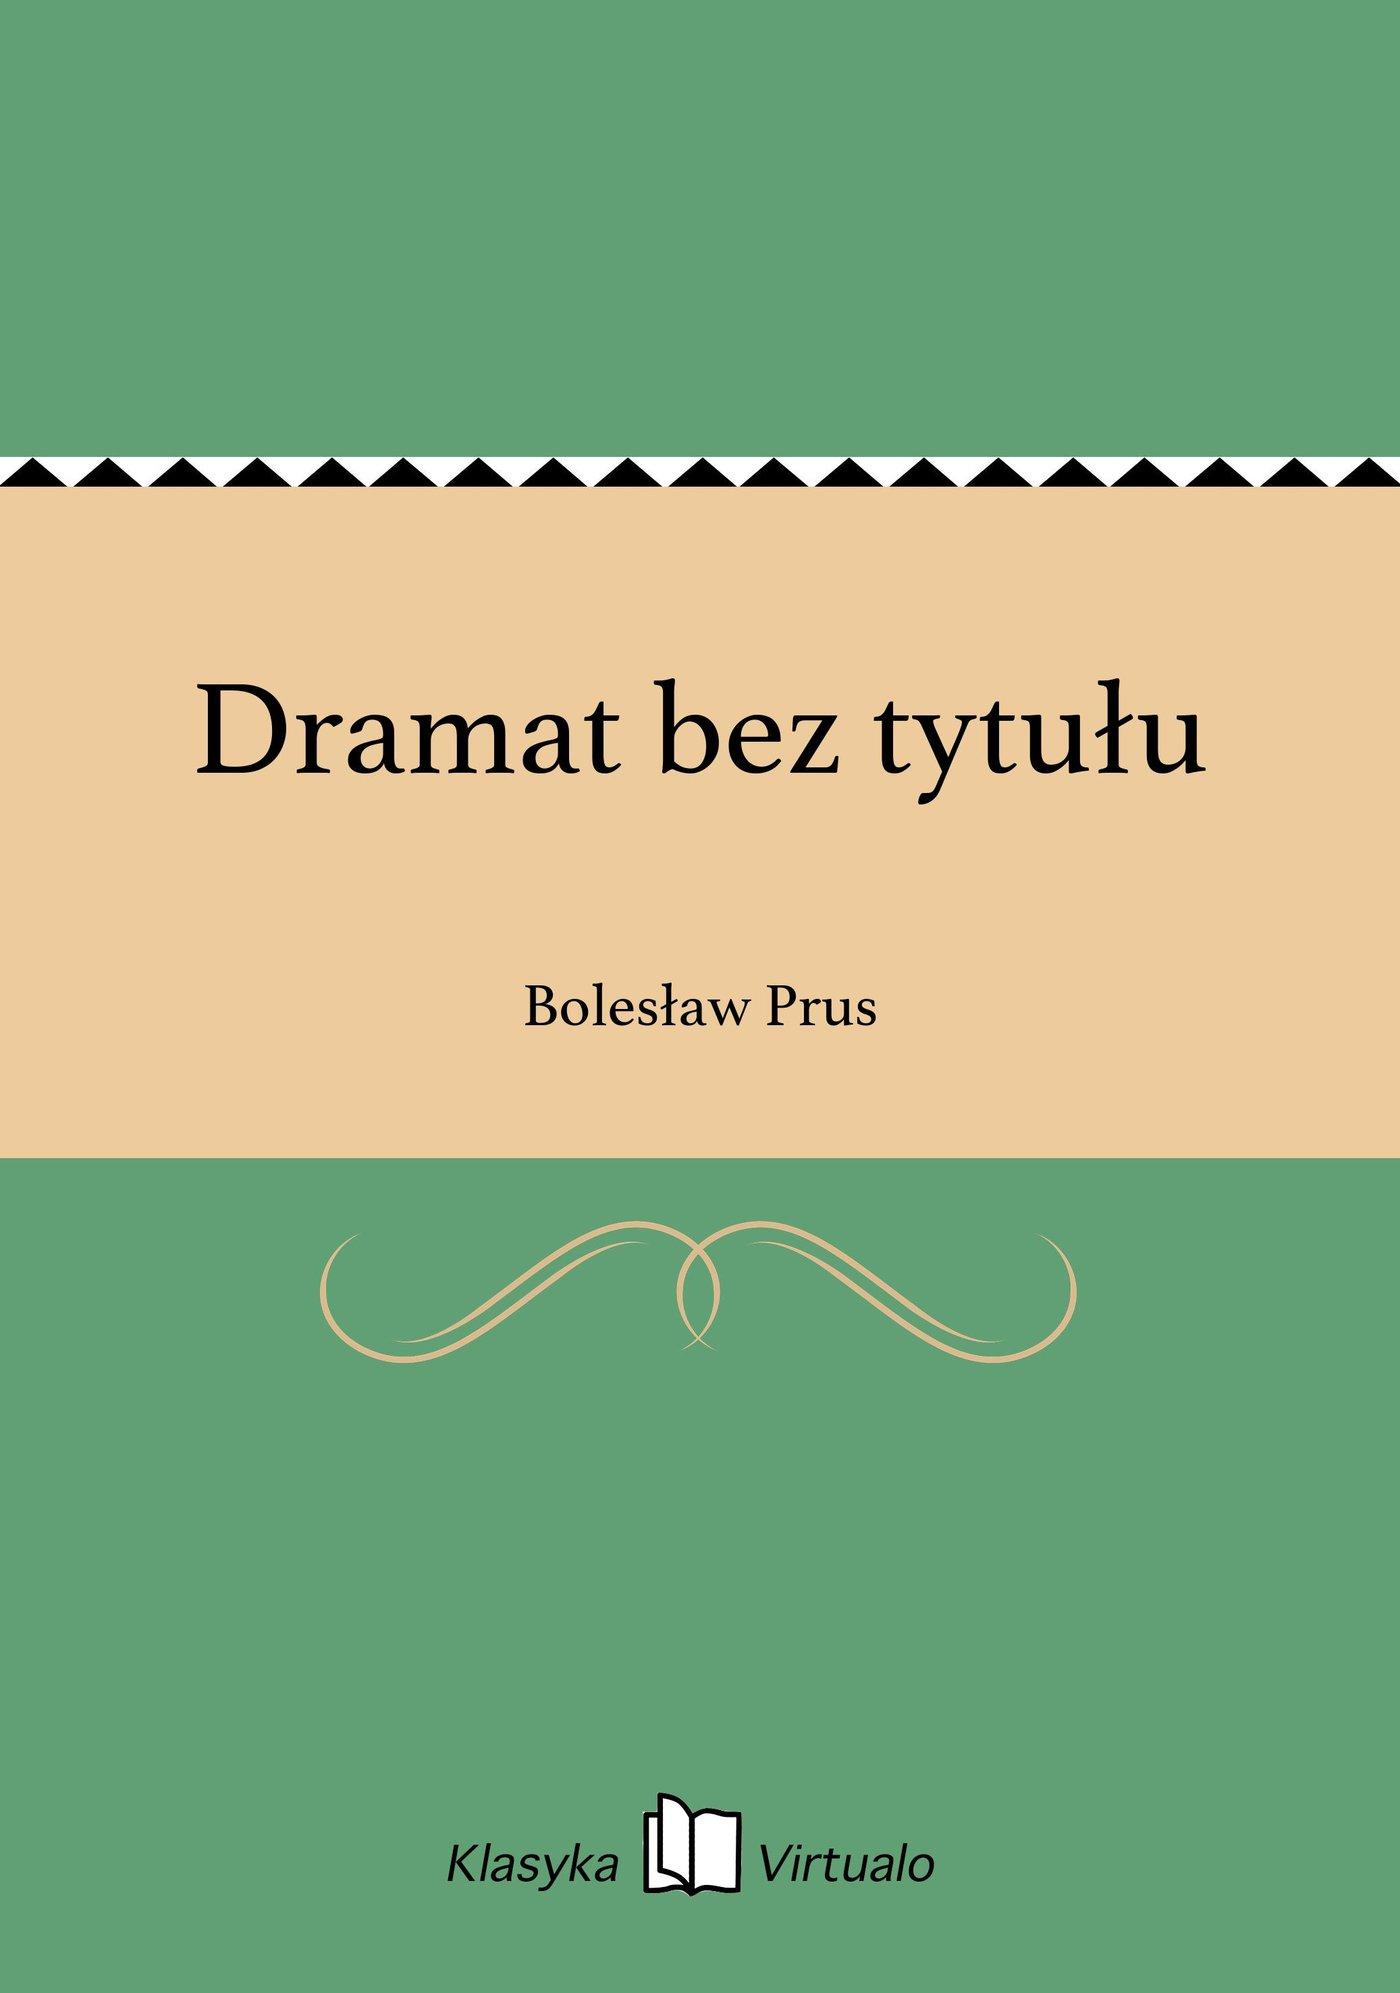 Dramat bez tytułu - Ebook (Książka EPUB) do pobrania w formacie EPUB